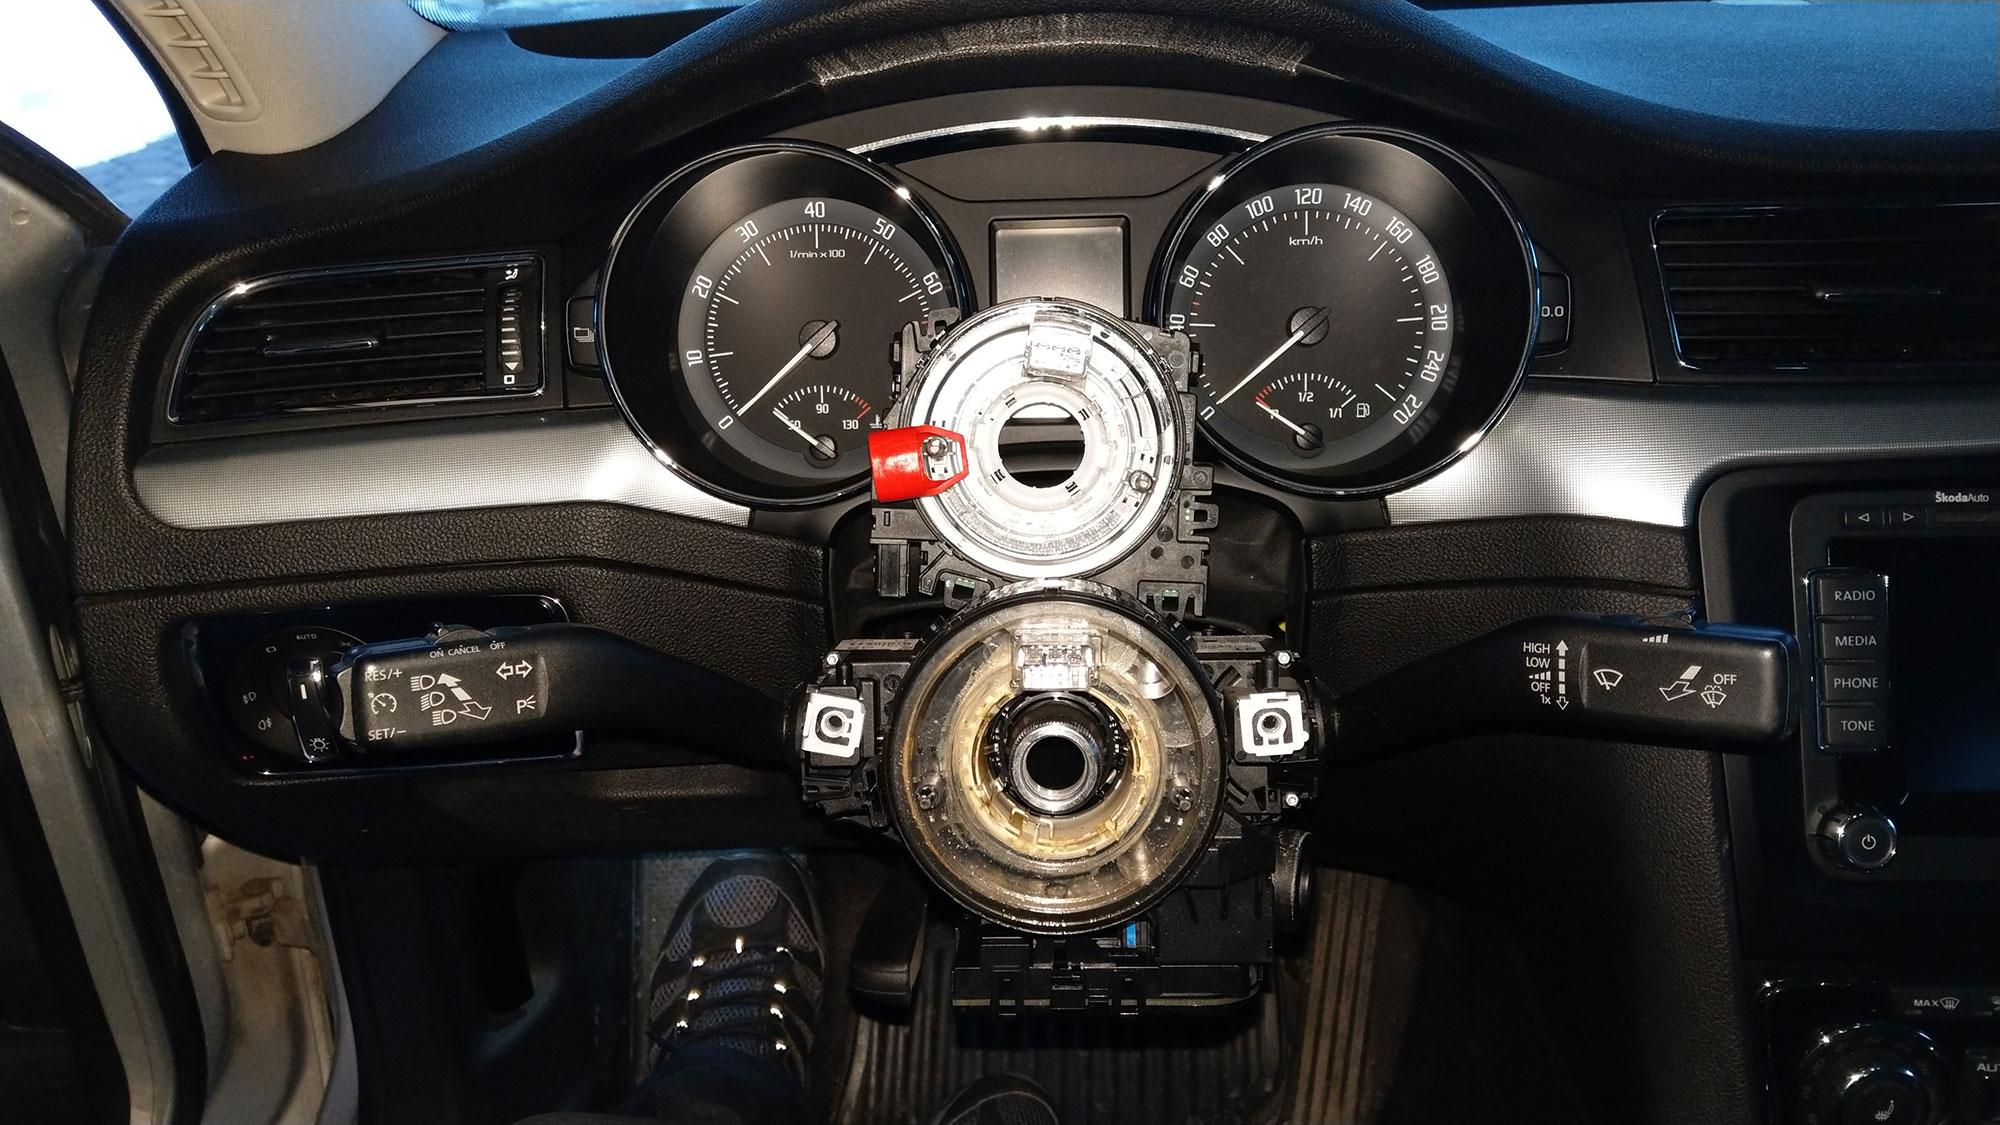 HELP! Steering wheel MFSW retrofit issues/questions - Page 4 - Skoda